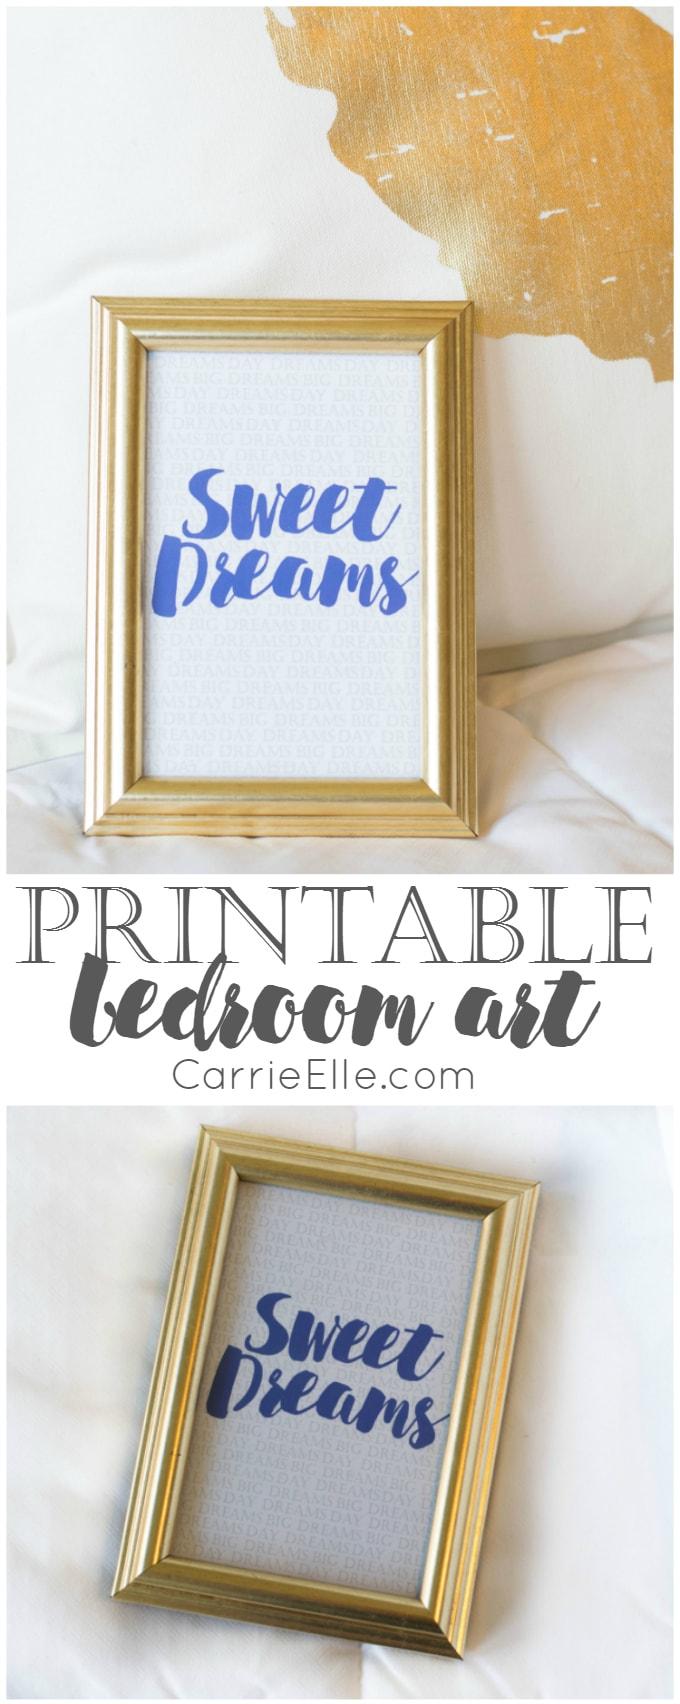 Sweet Dreams Printable Bedroom Art